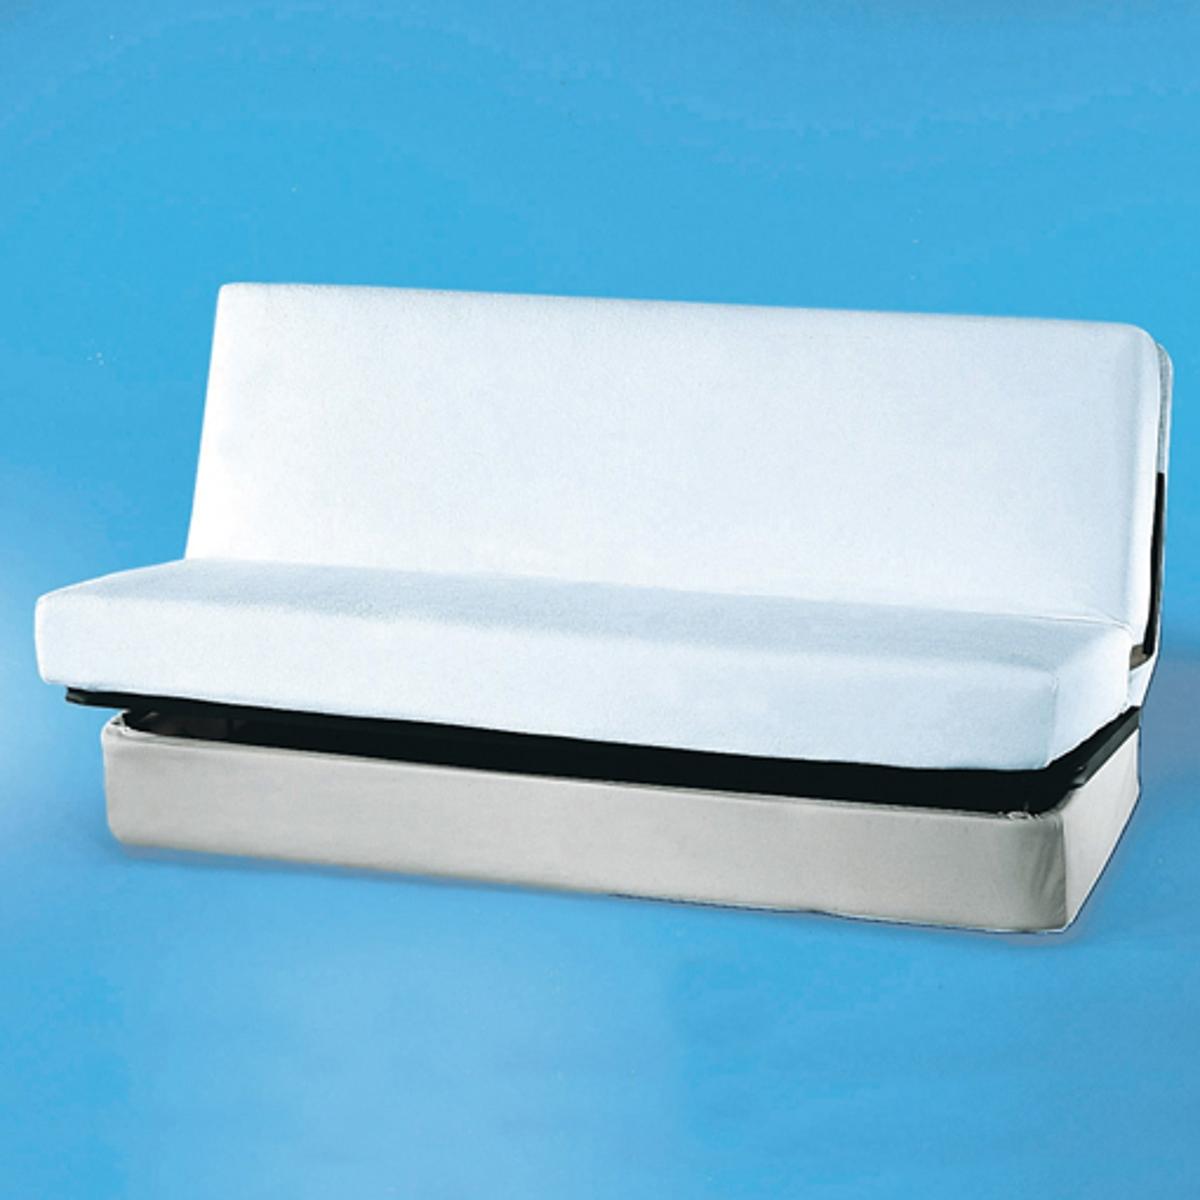 Чехол защитный для матраса клик-кляк, махровая ткань с непромокаемым покрытием из полиуретана